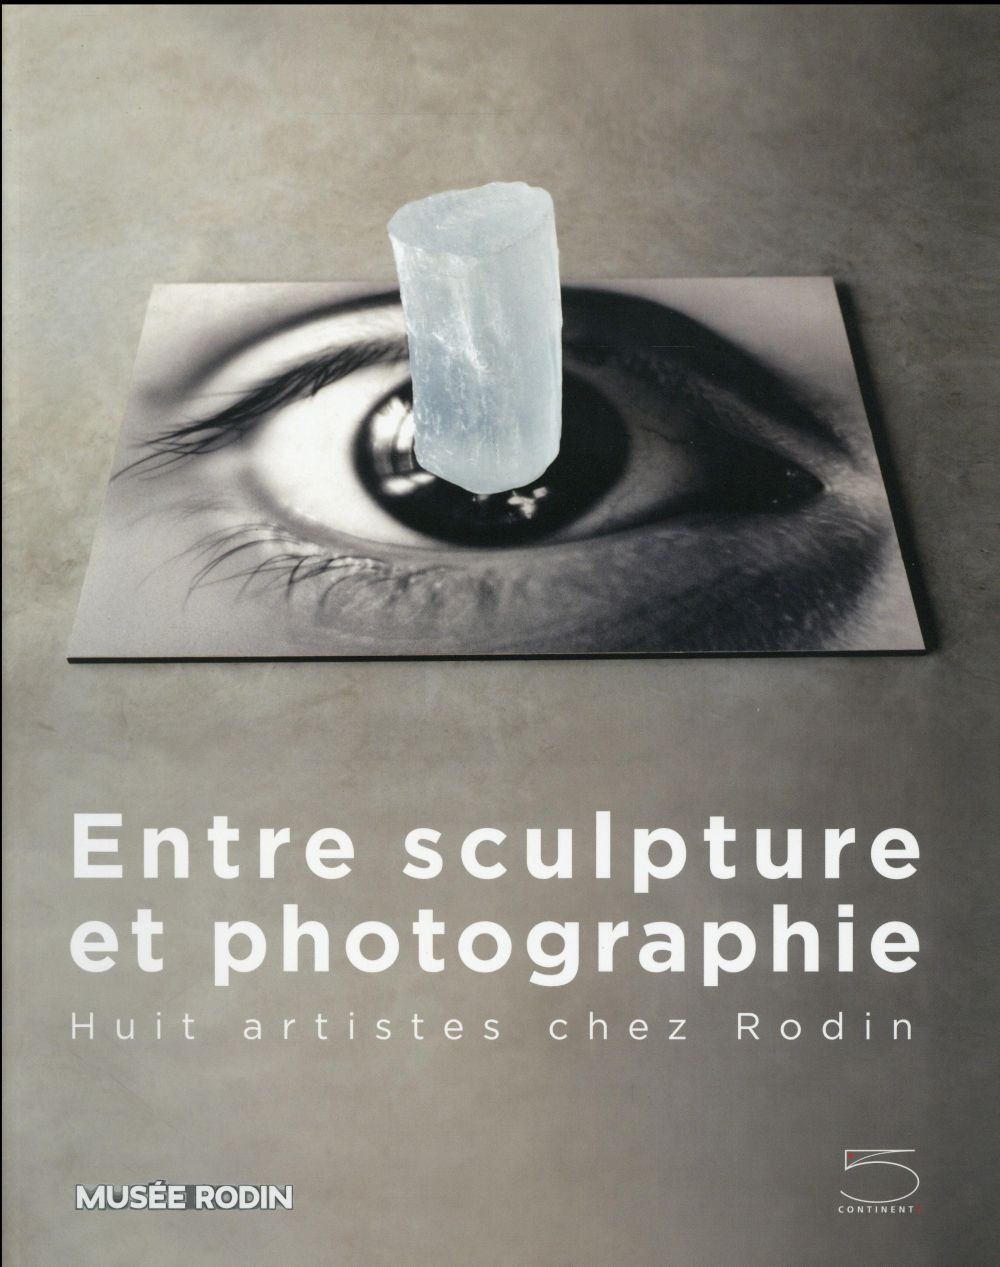 ENTRE SCULPTURE ET PHOTOGRAPHIE - HUIT ARTISTES CHEZ RODIN